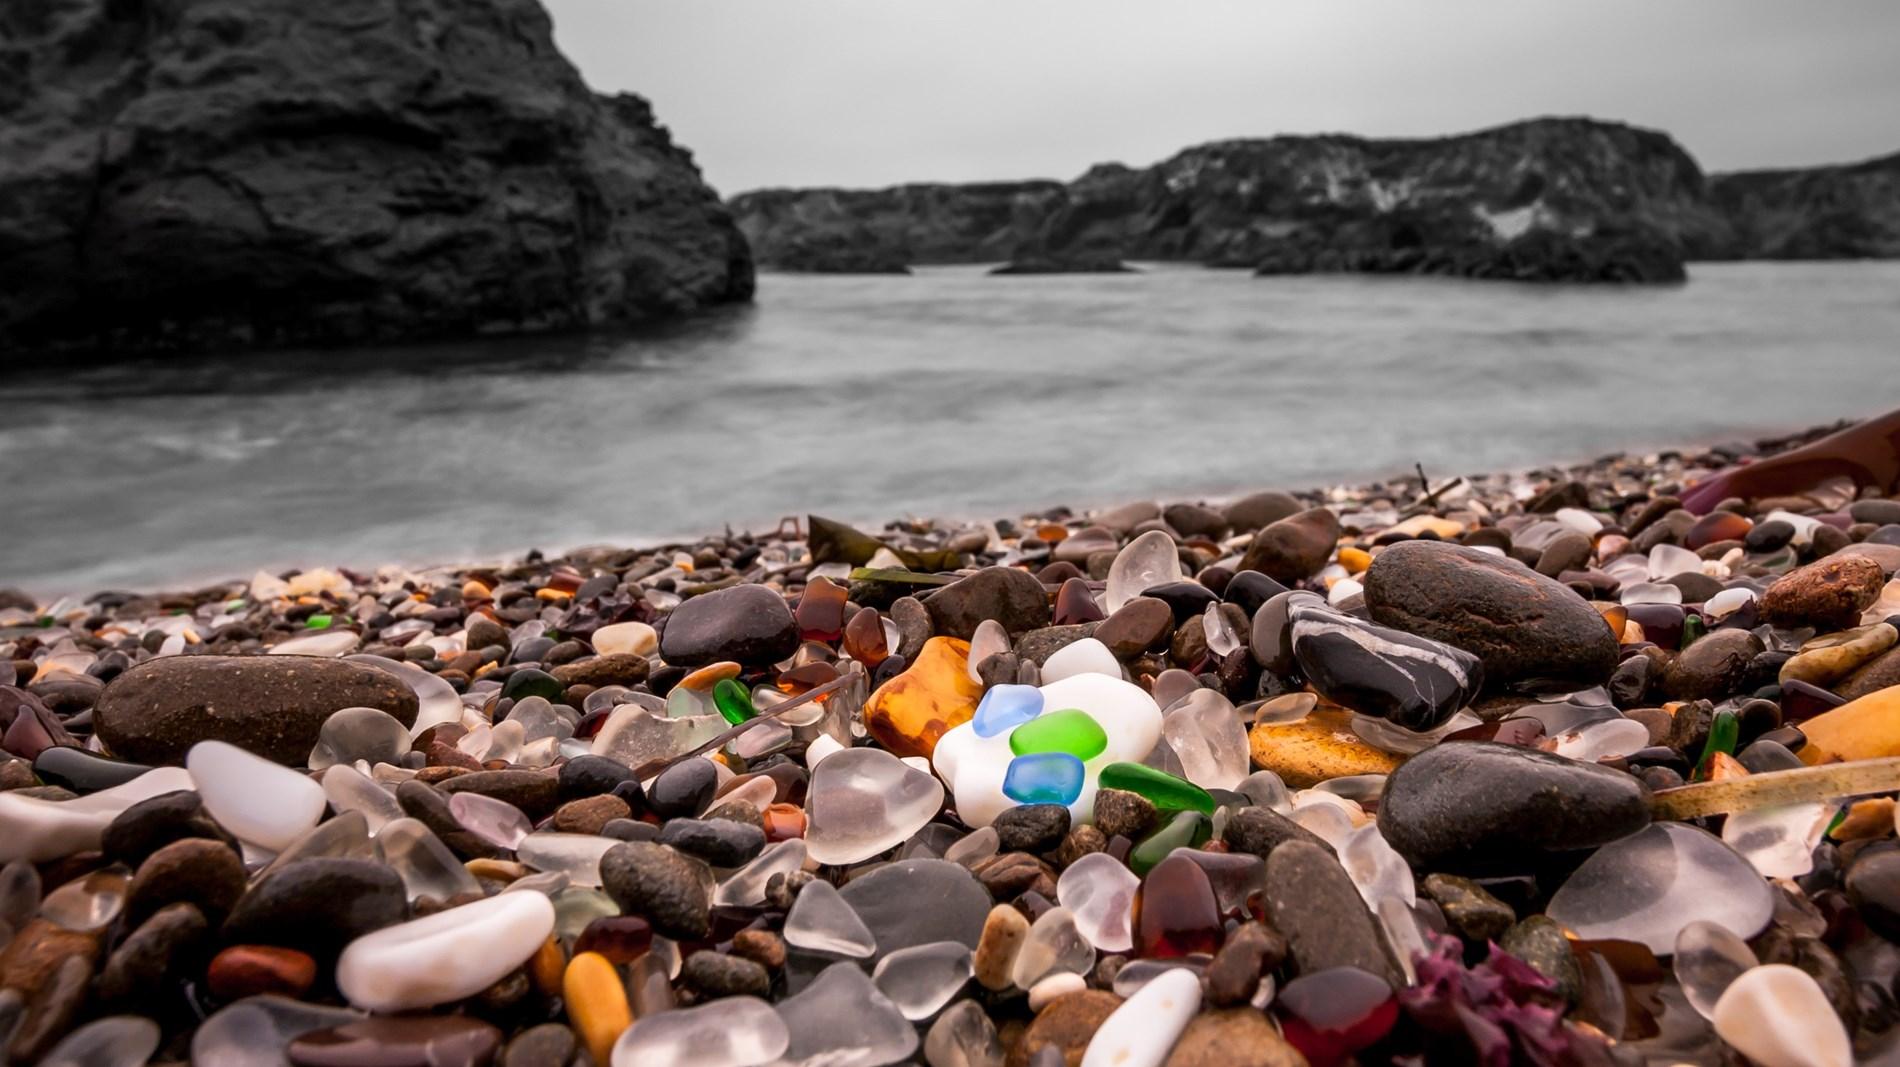 الشاطئ الزجاجي.. معجزة الطبيعة الملونة